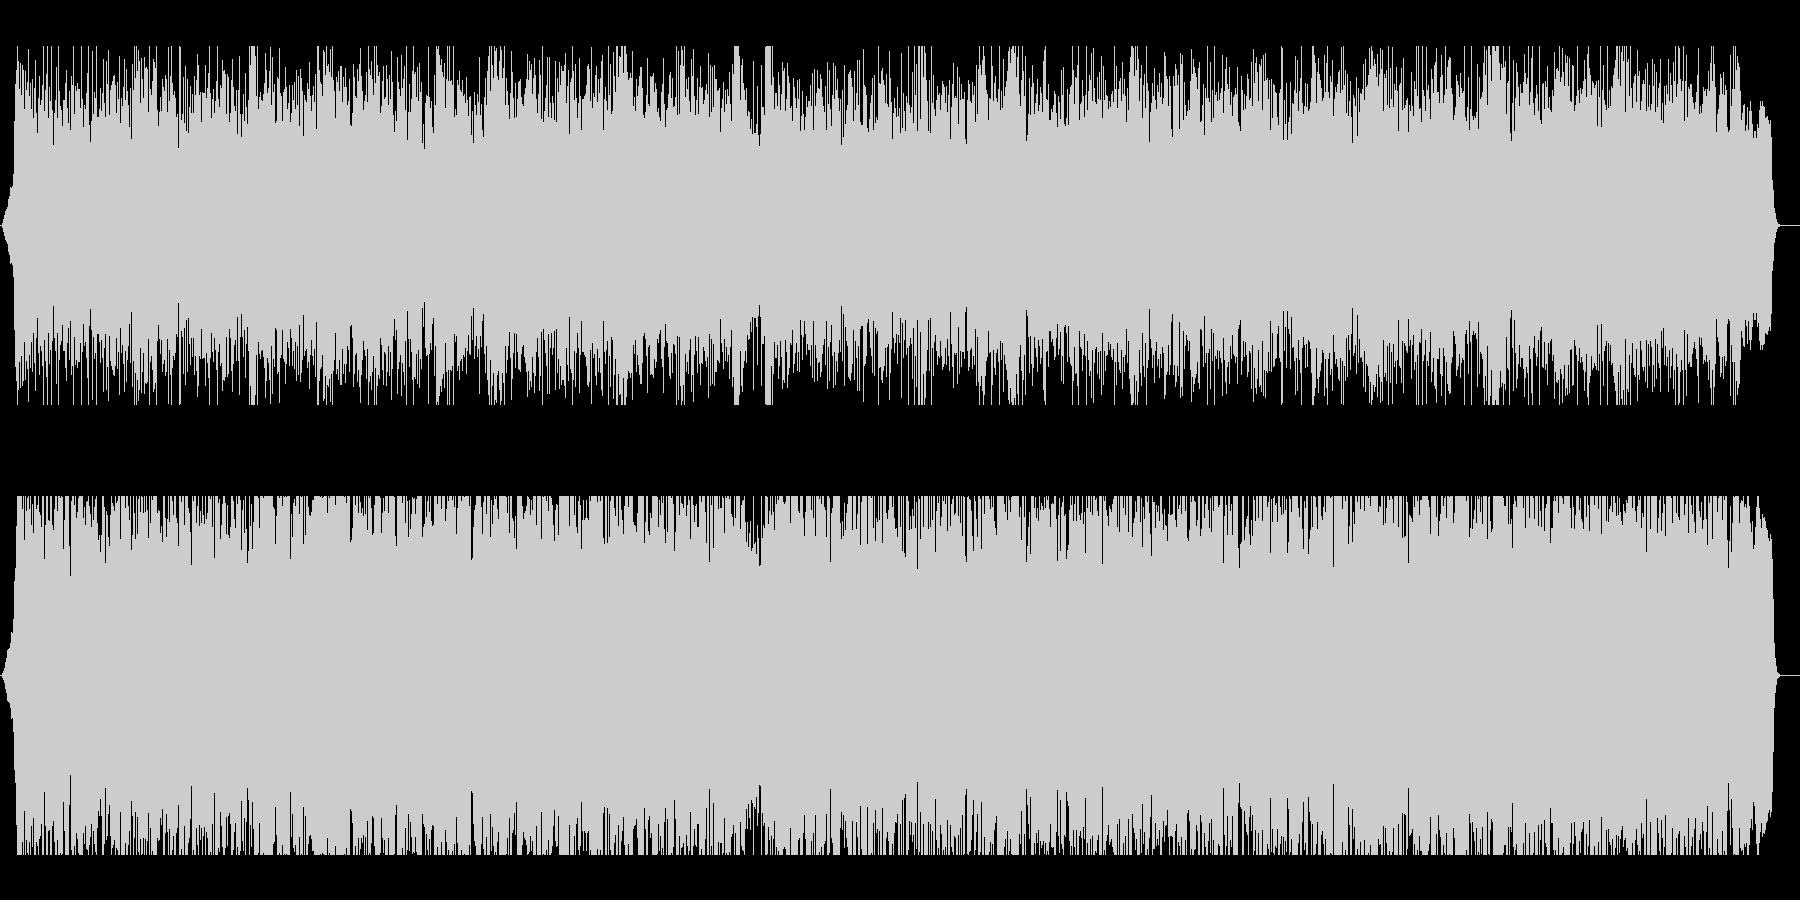 メタル系アップテンポBGMの未再生の波形